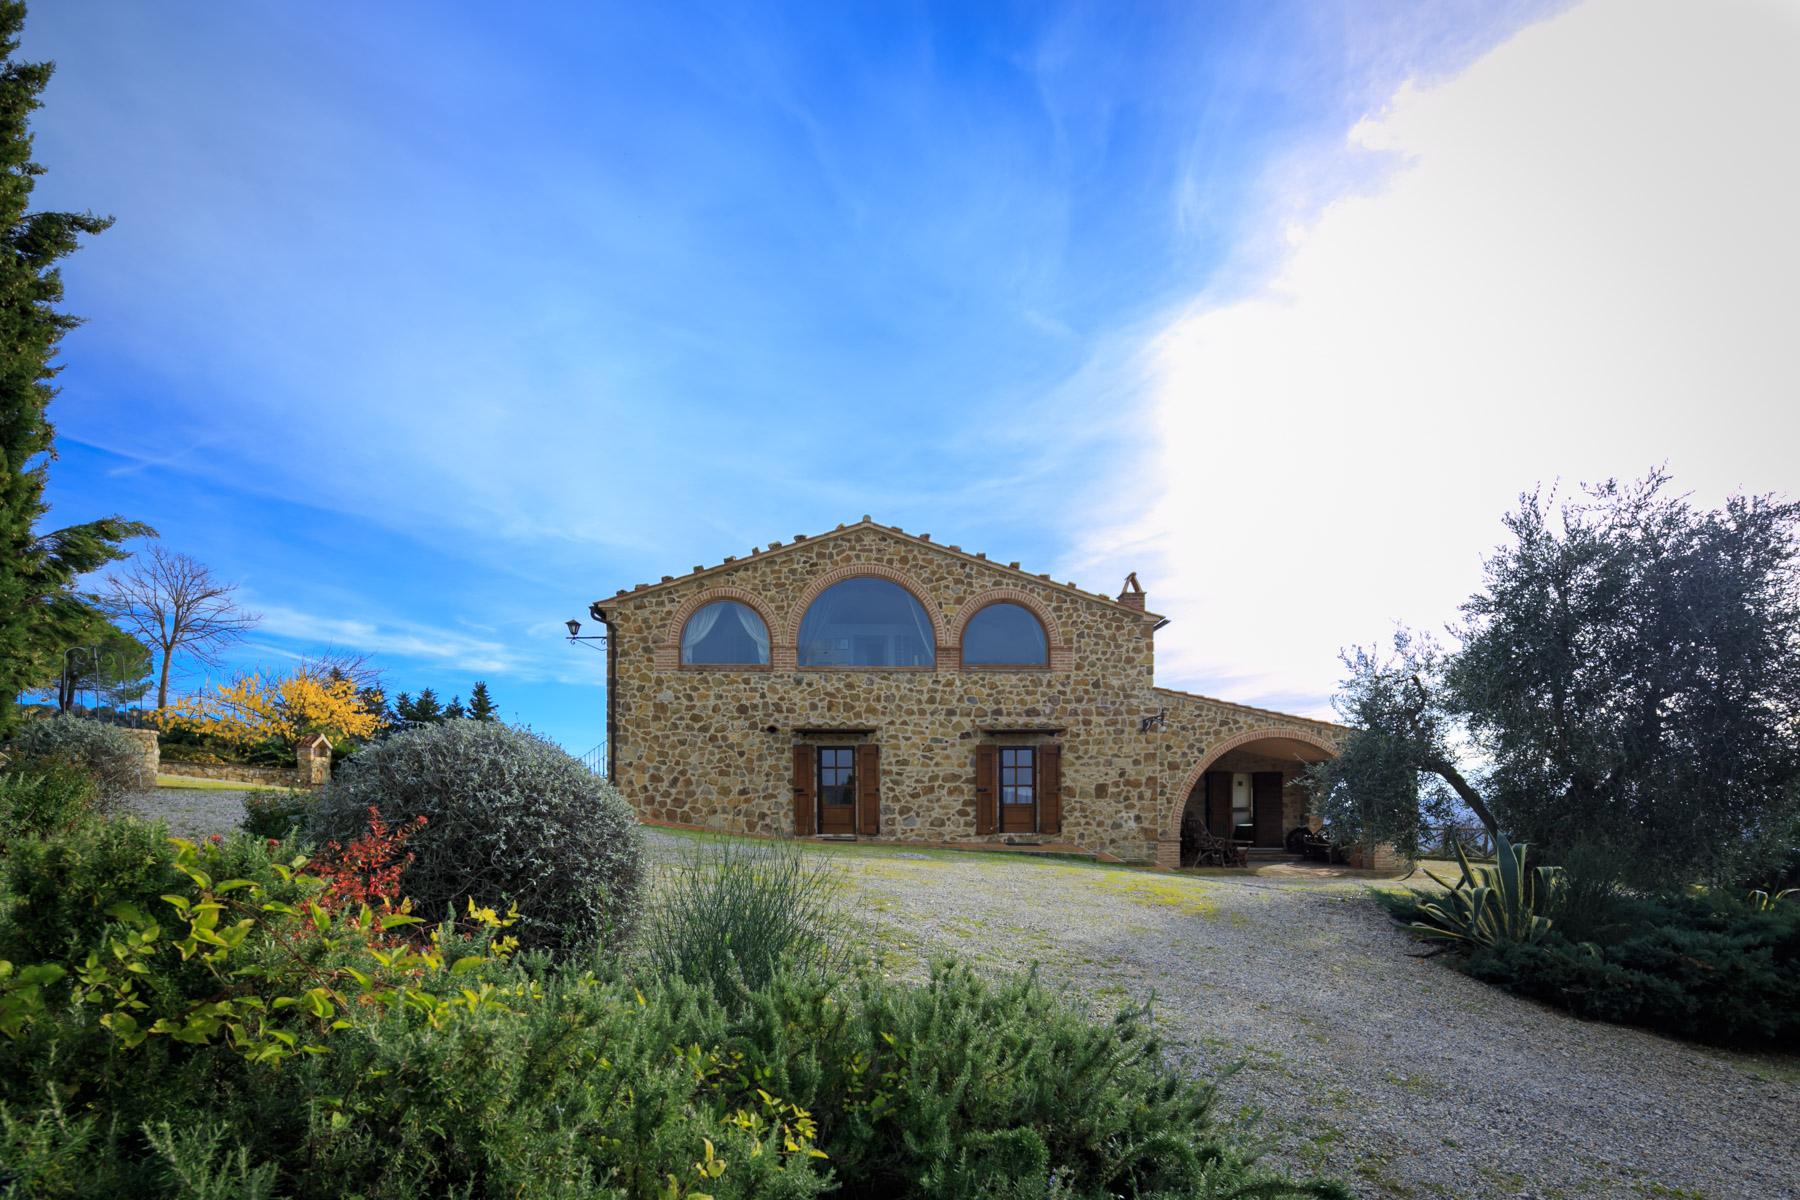 Rustico in Vendita a Manciano: 5 locali, 500 mq - Foto 5